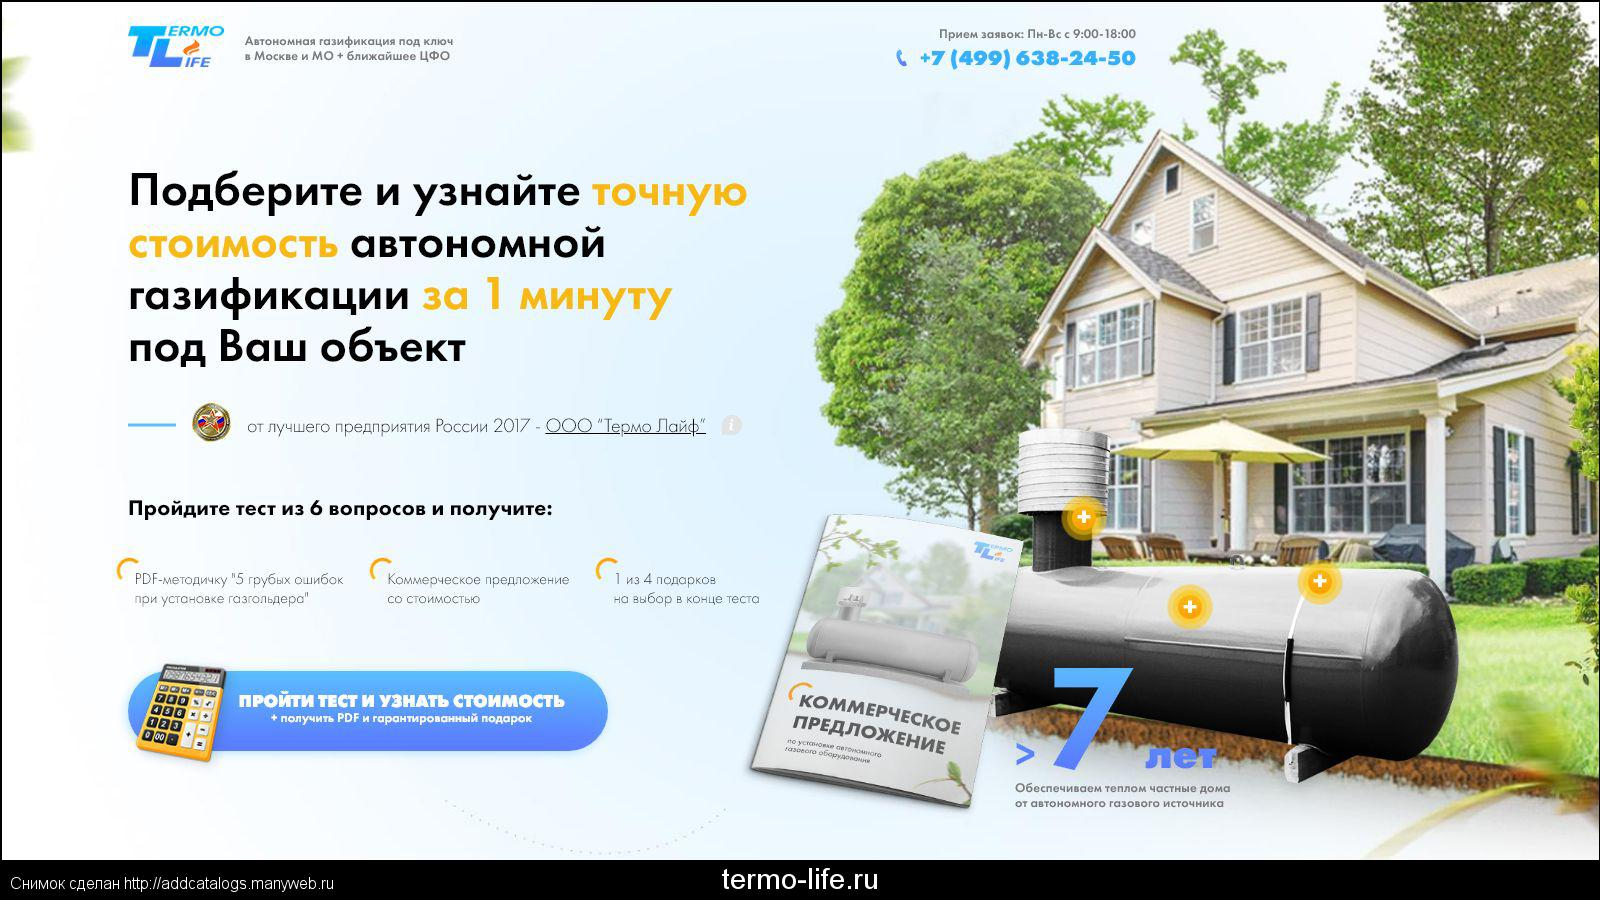 Автономная газификация частных домов в самарe - цена на газгольдеры для газоснабжения дома